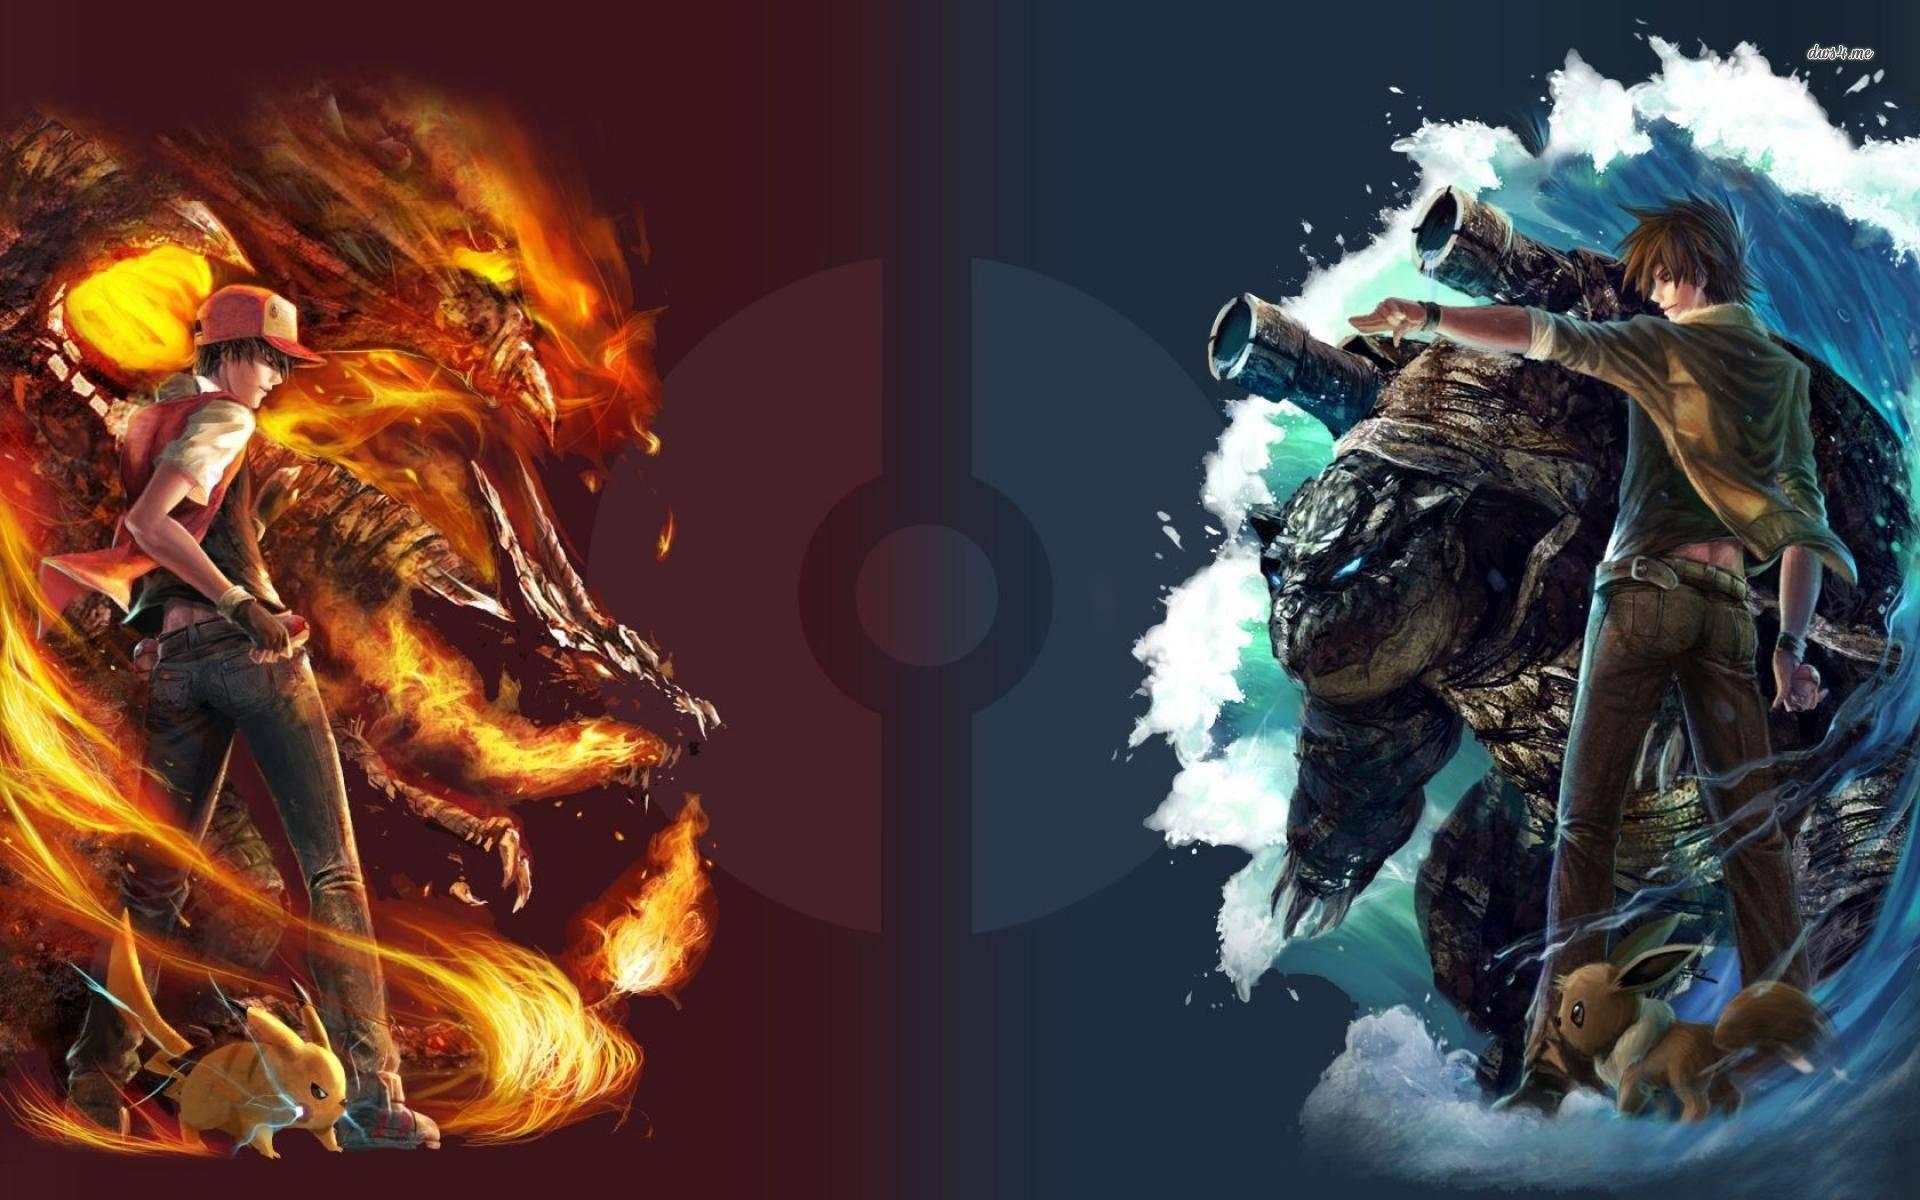 red vs blue - Pokemon Wallpaper